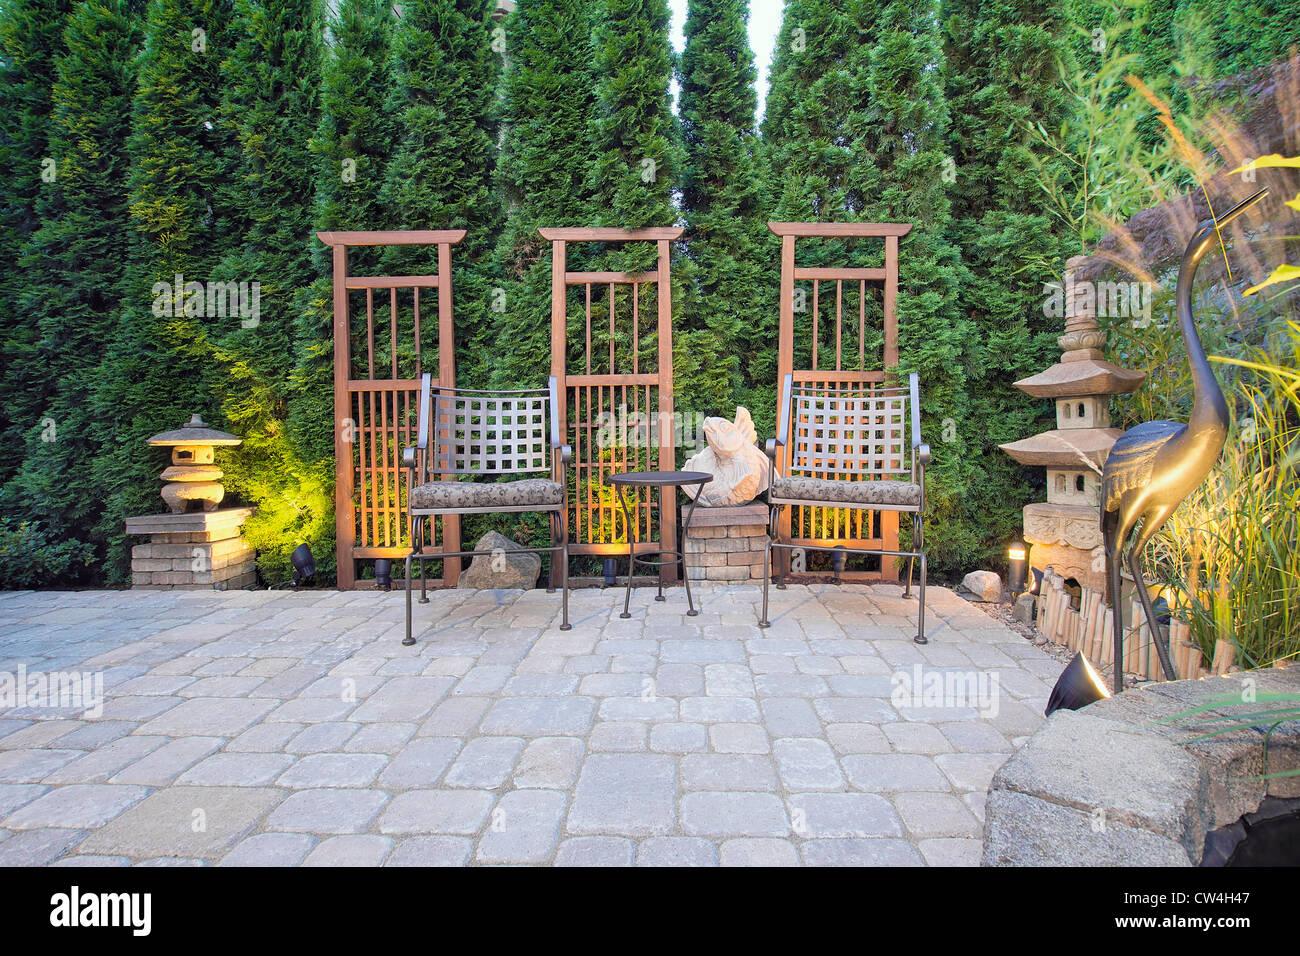 Giardino lastricatore patio con pergolato giapponese lanterna di